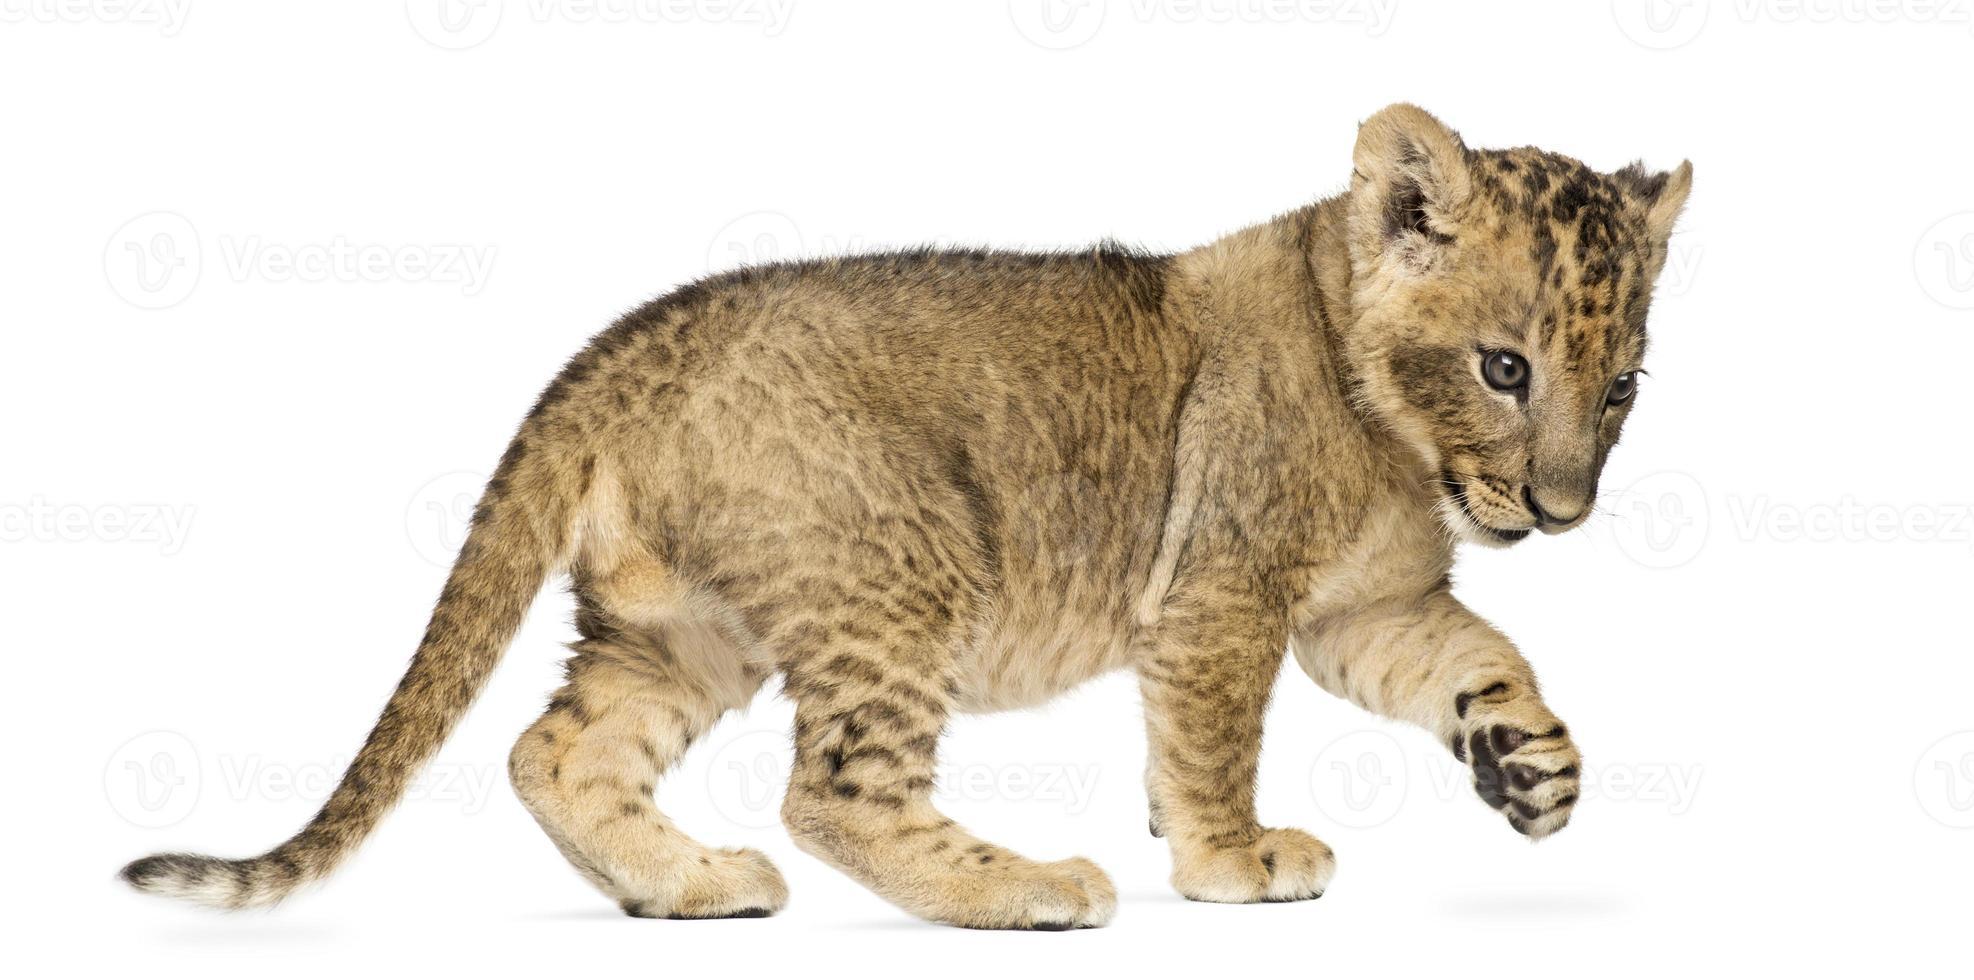 Löwenbaby stehend, scharrend, 7 Wochen alt, isoliert foto